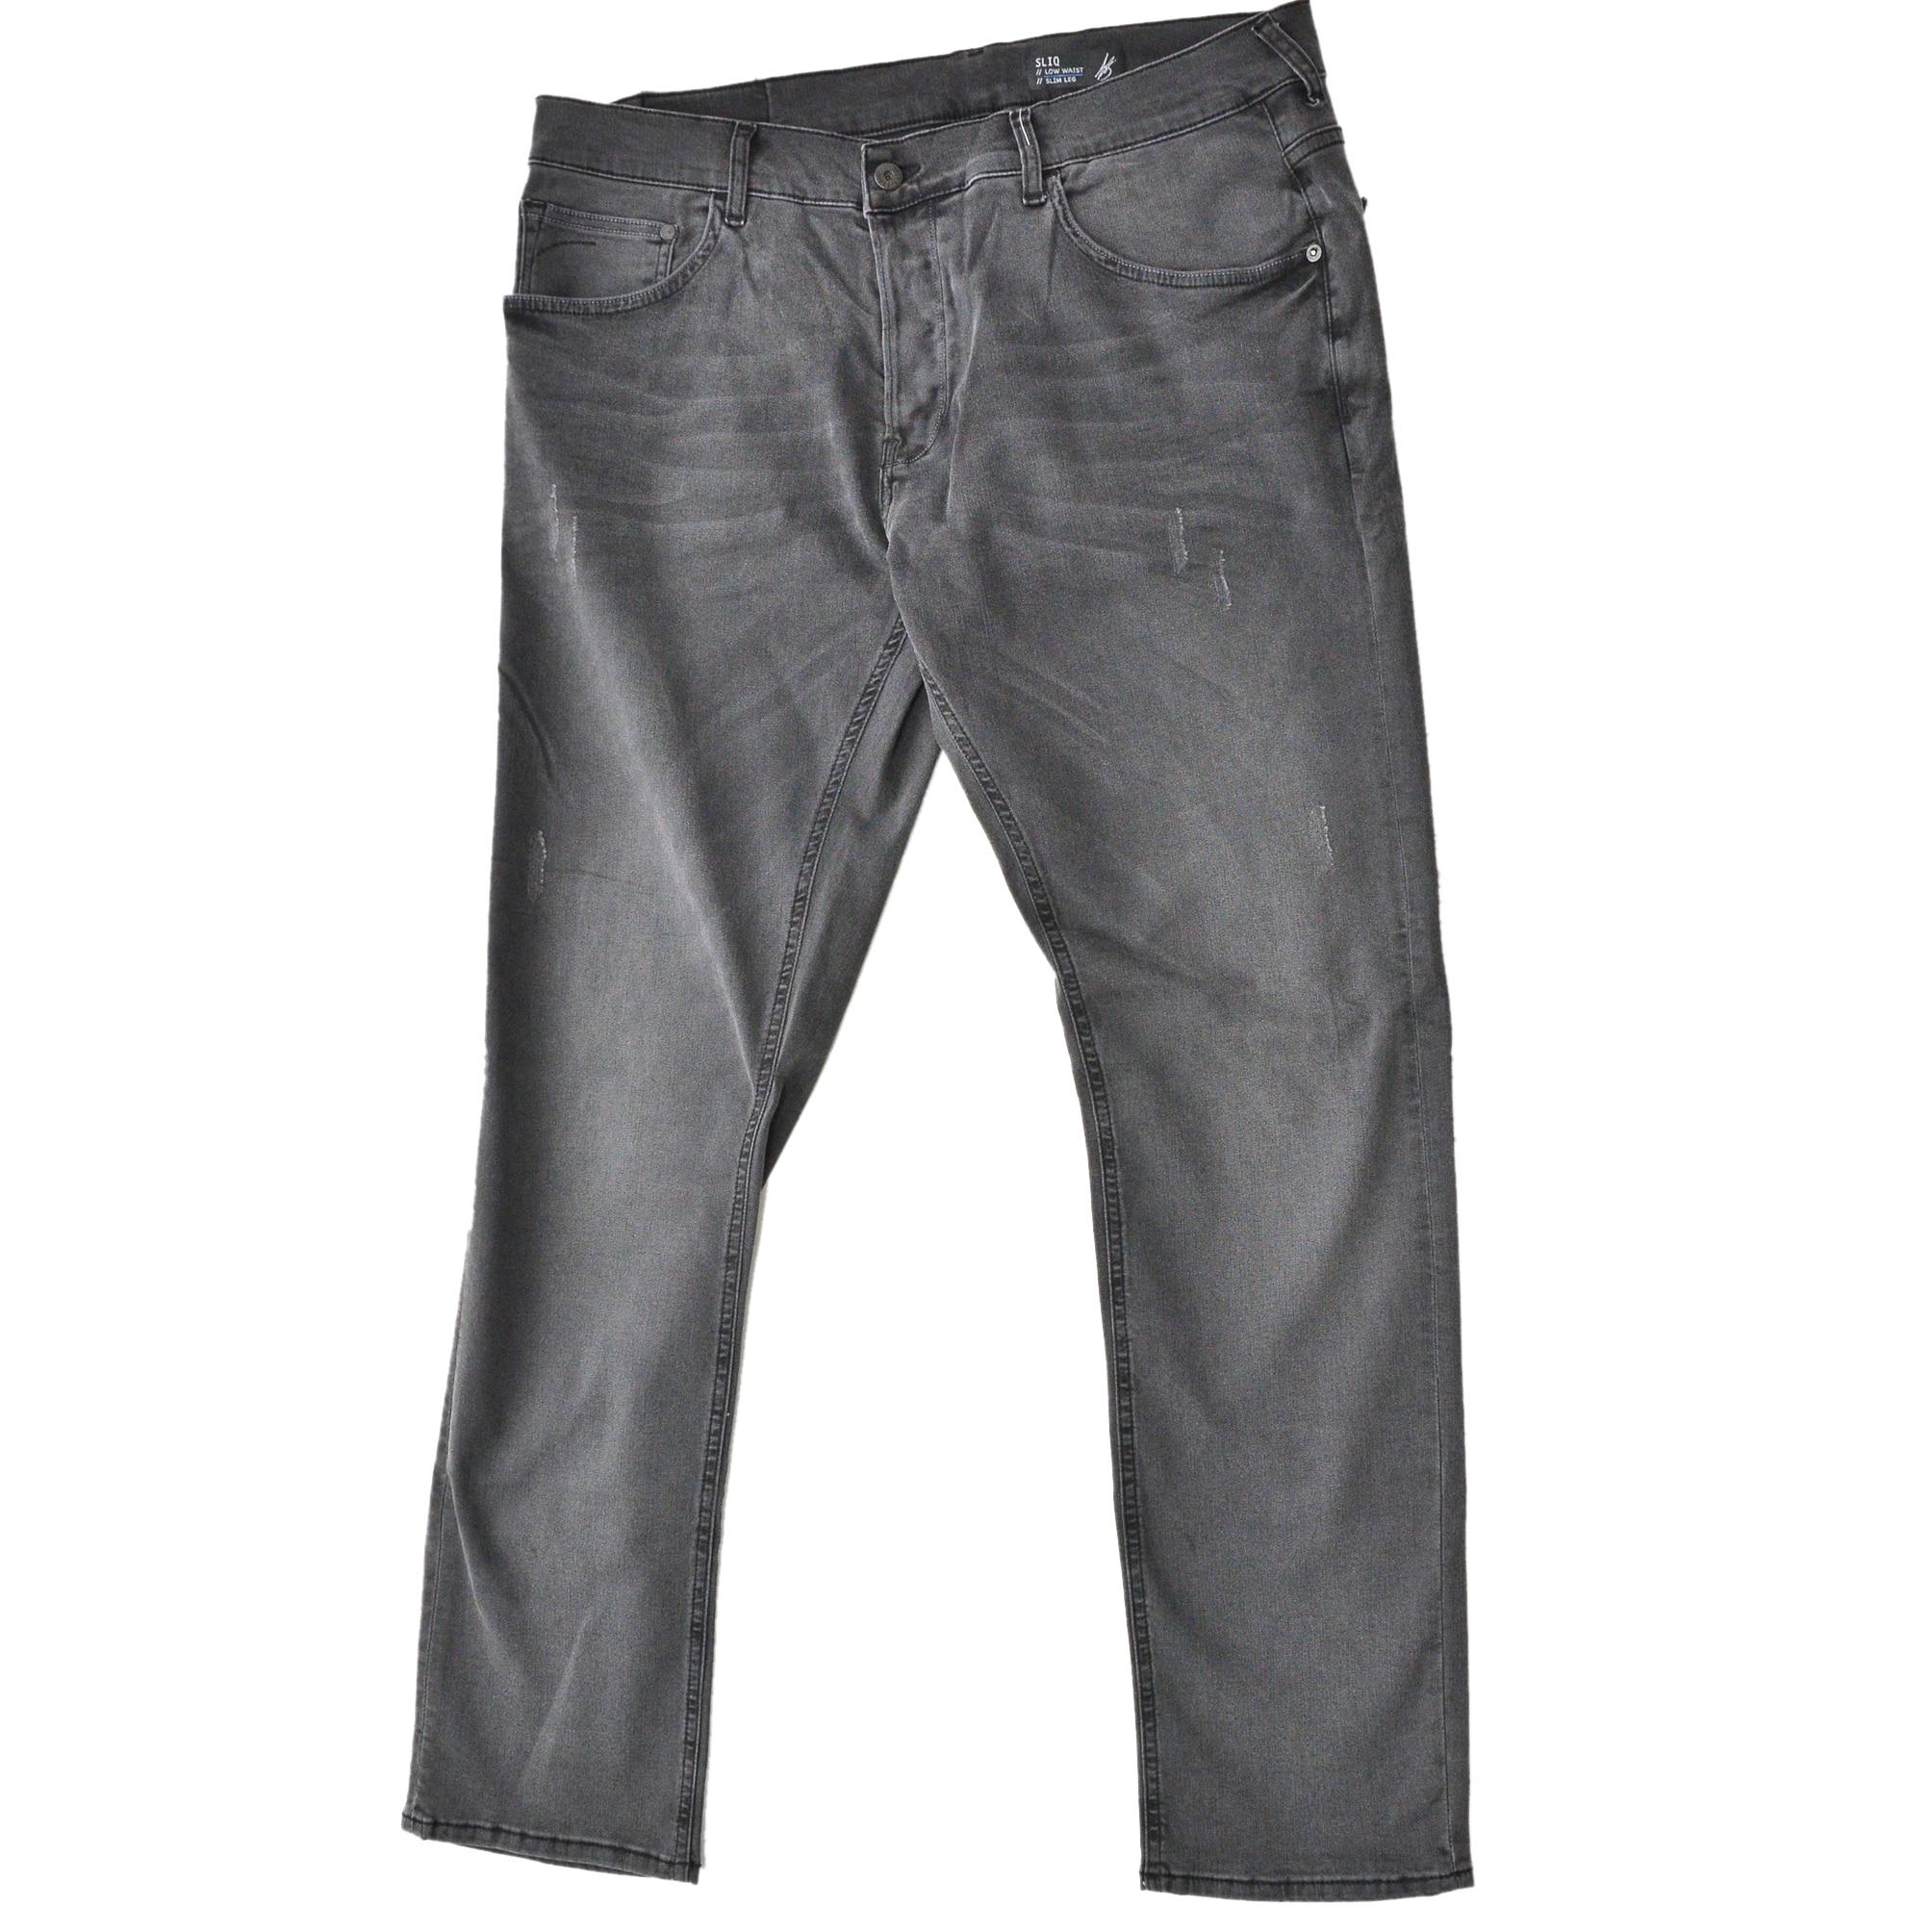 HW 13726 Jeans Men Slim Fit, Stretch, Gift For Men Real European Size, Comfort Turkish, Denim Стильный дизайн,Homme New Season